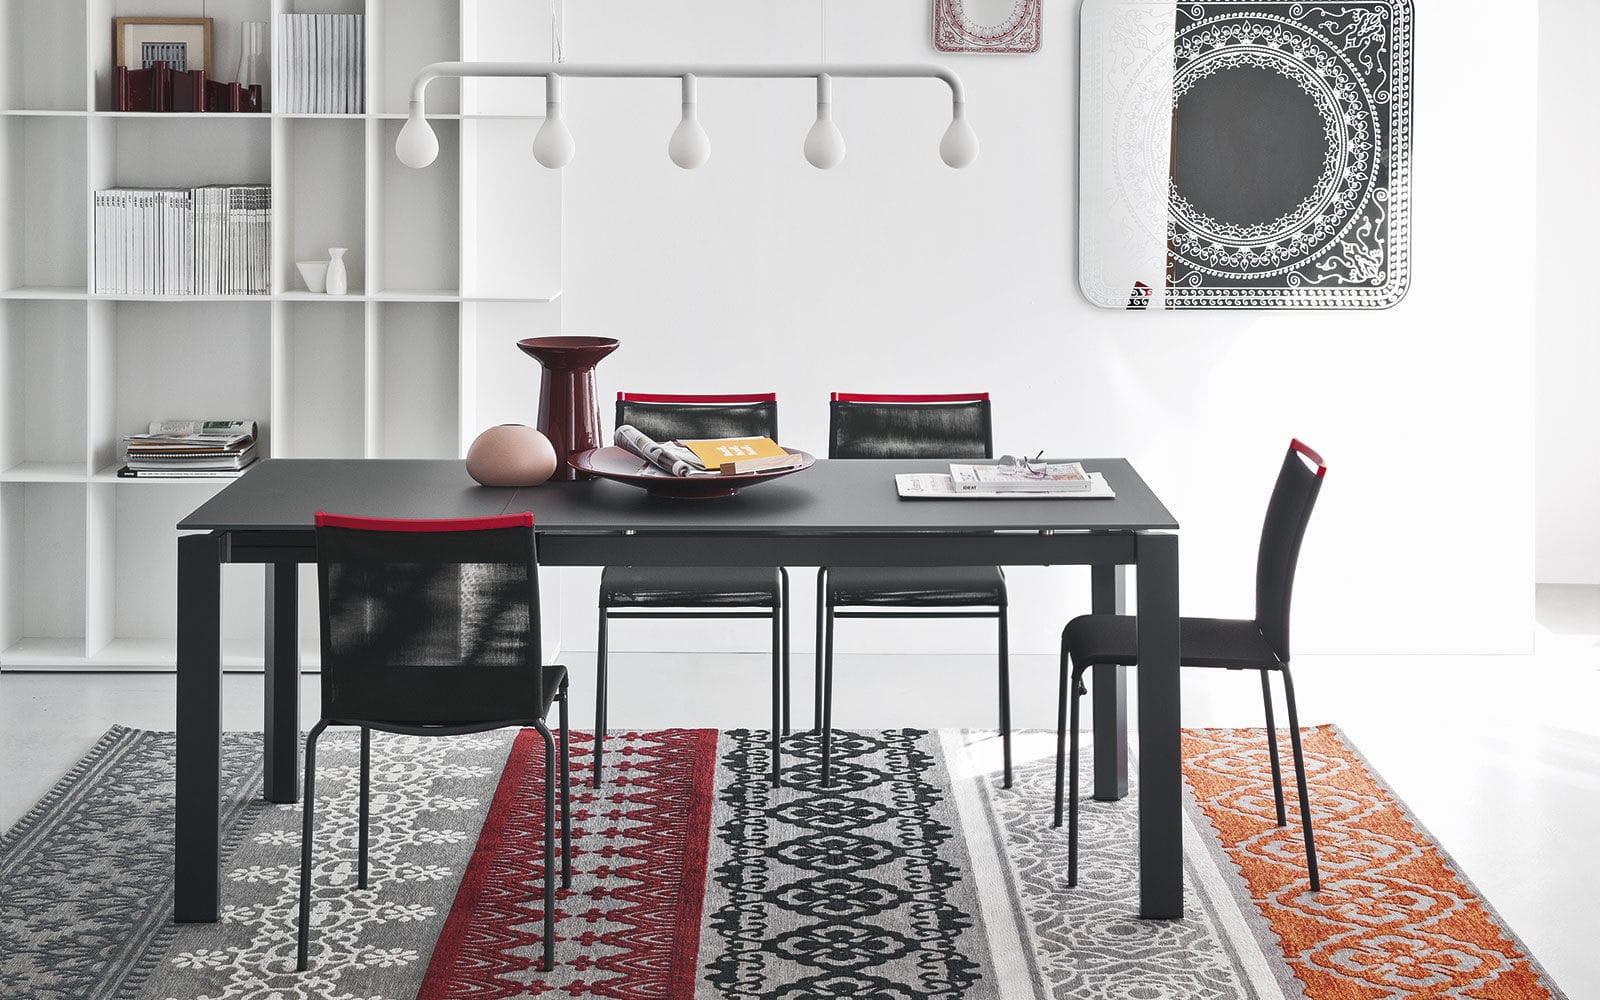 Beautiful Tavoli Da Cucina Calligaris Pictures - Acomo.us - acomo.us